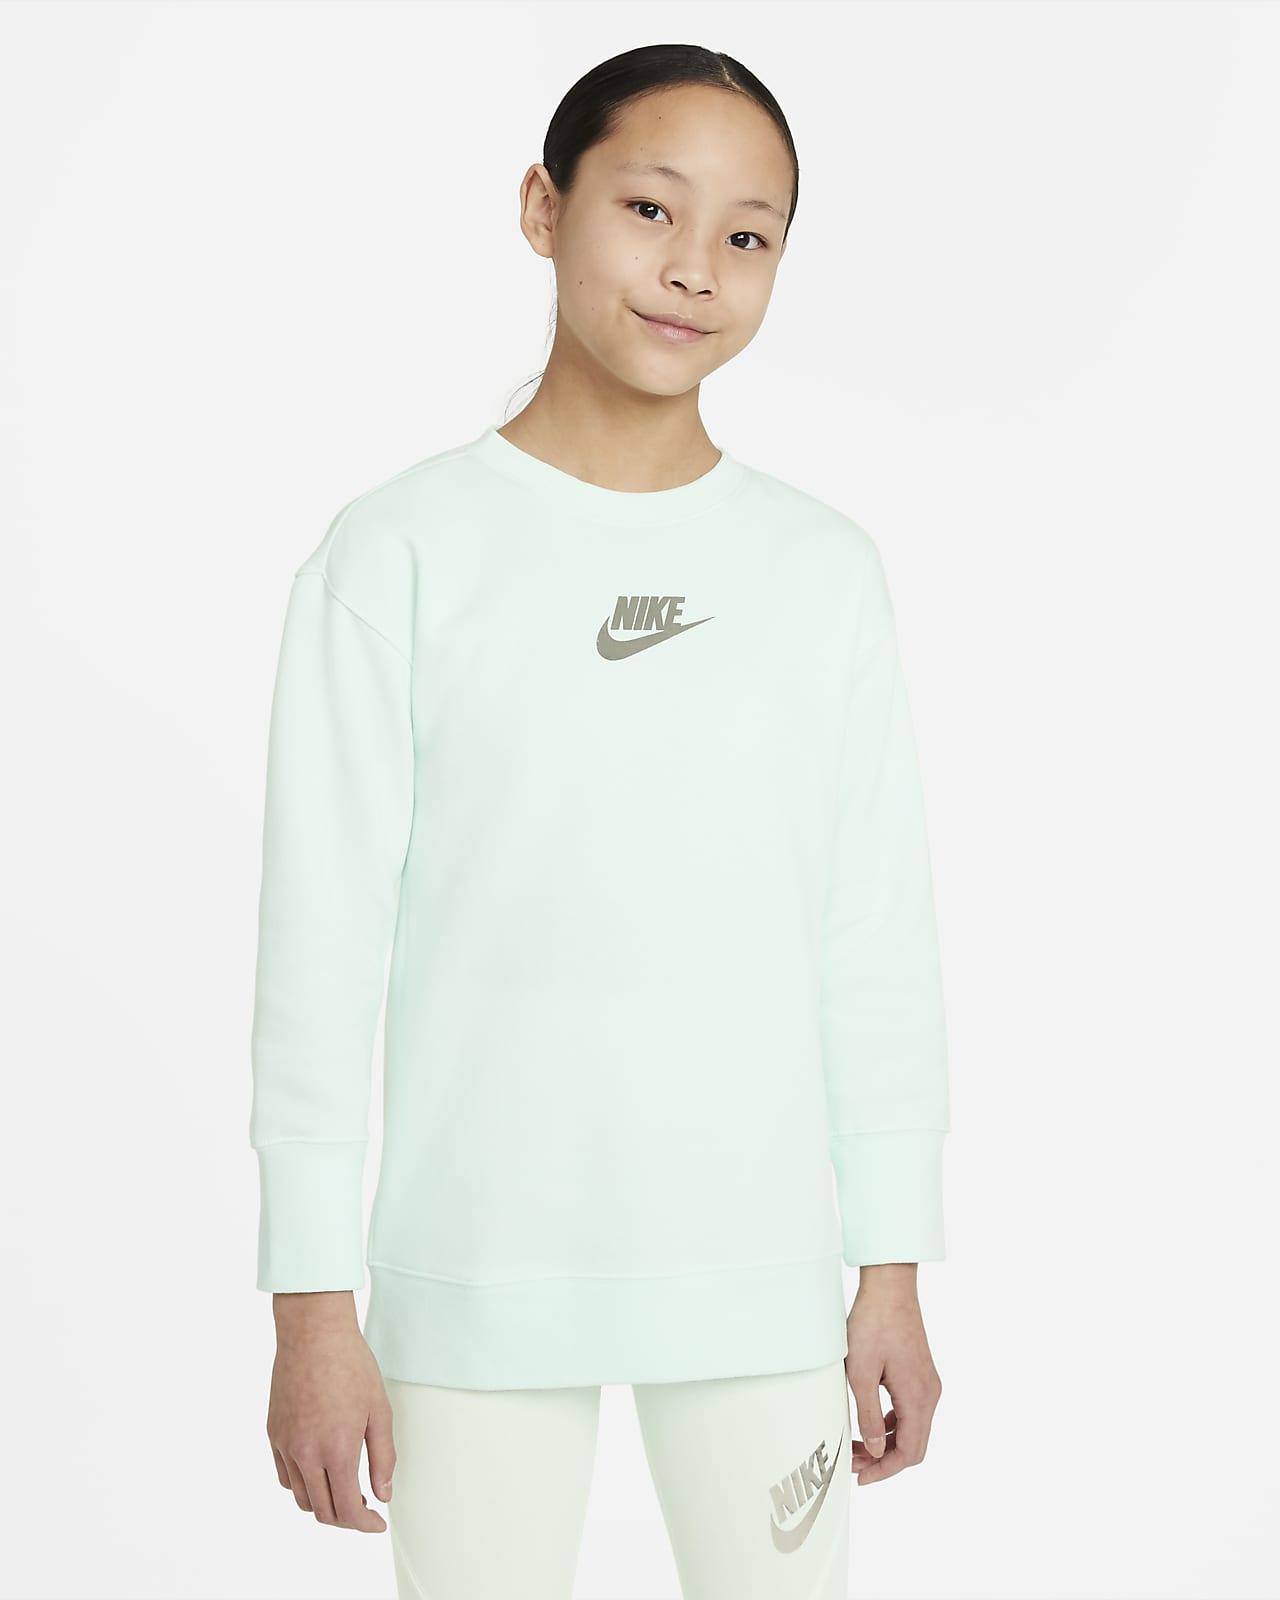 Mikina Nike Sportswear skulatým výstřihem pro větší děti (dívky)